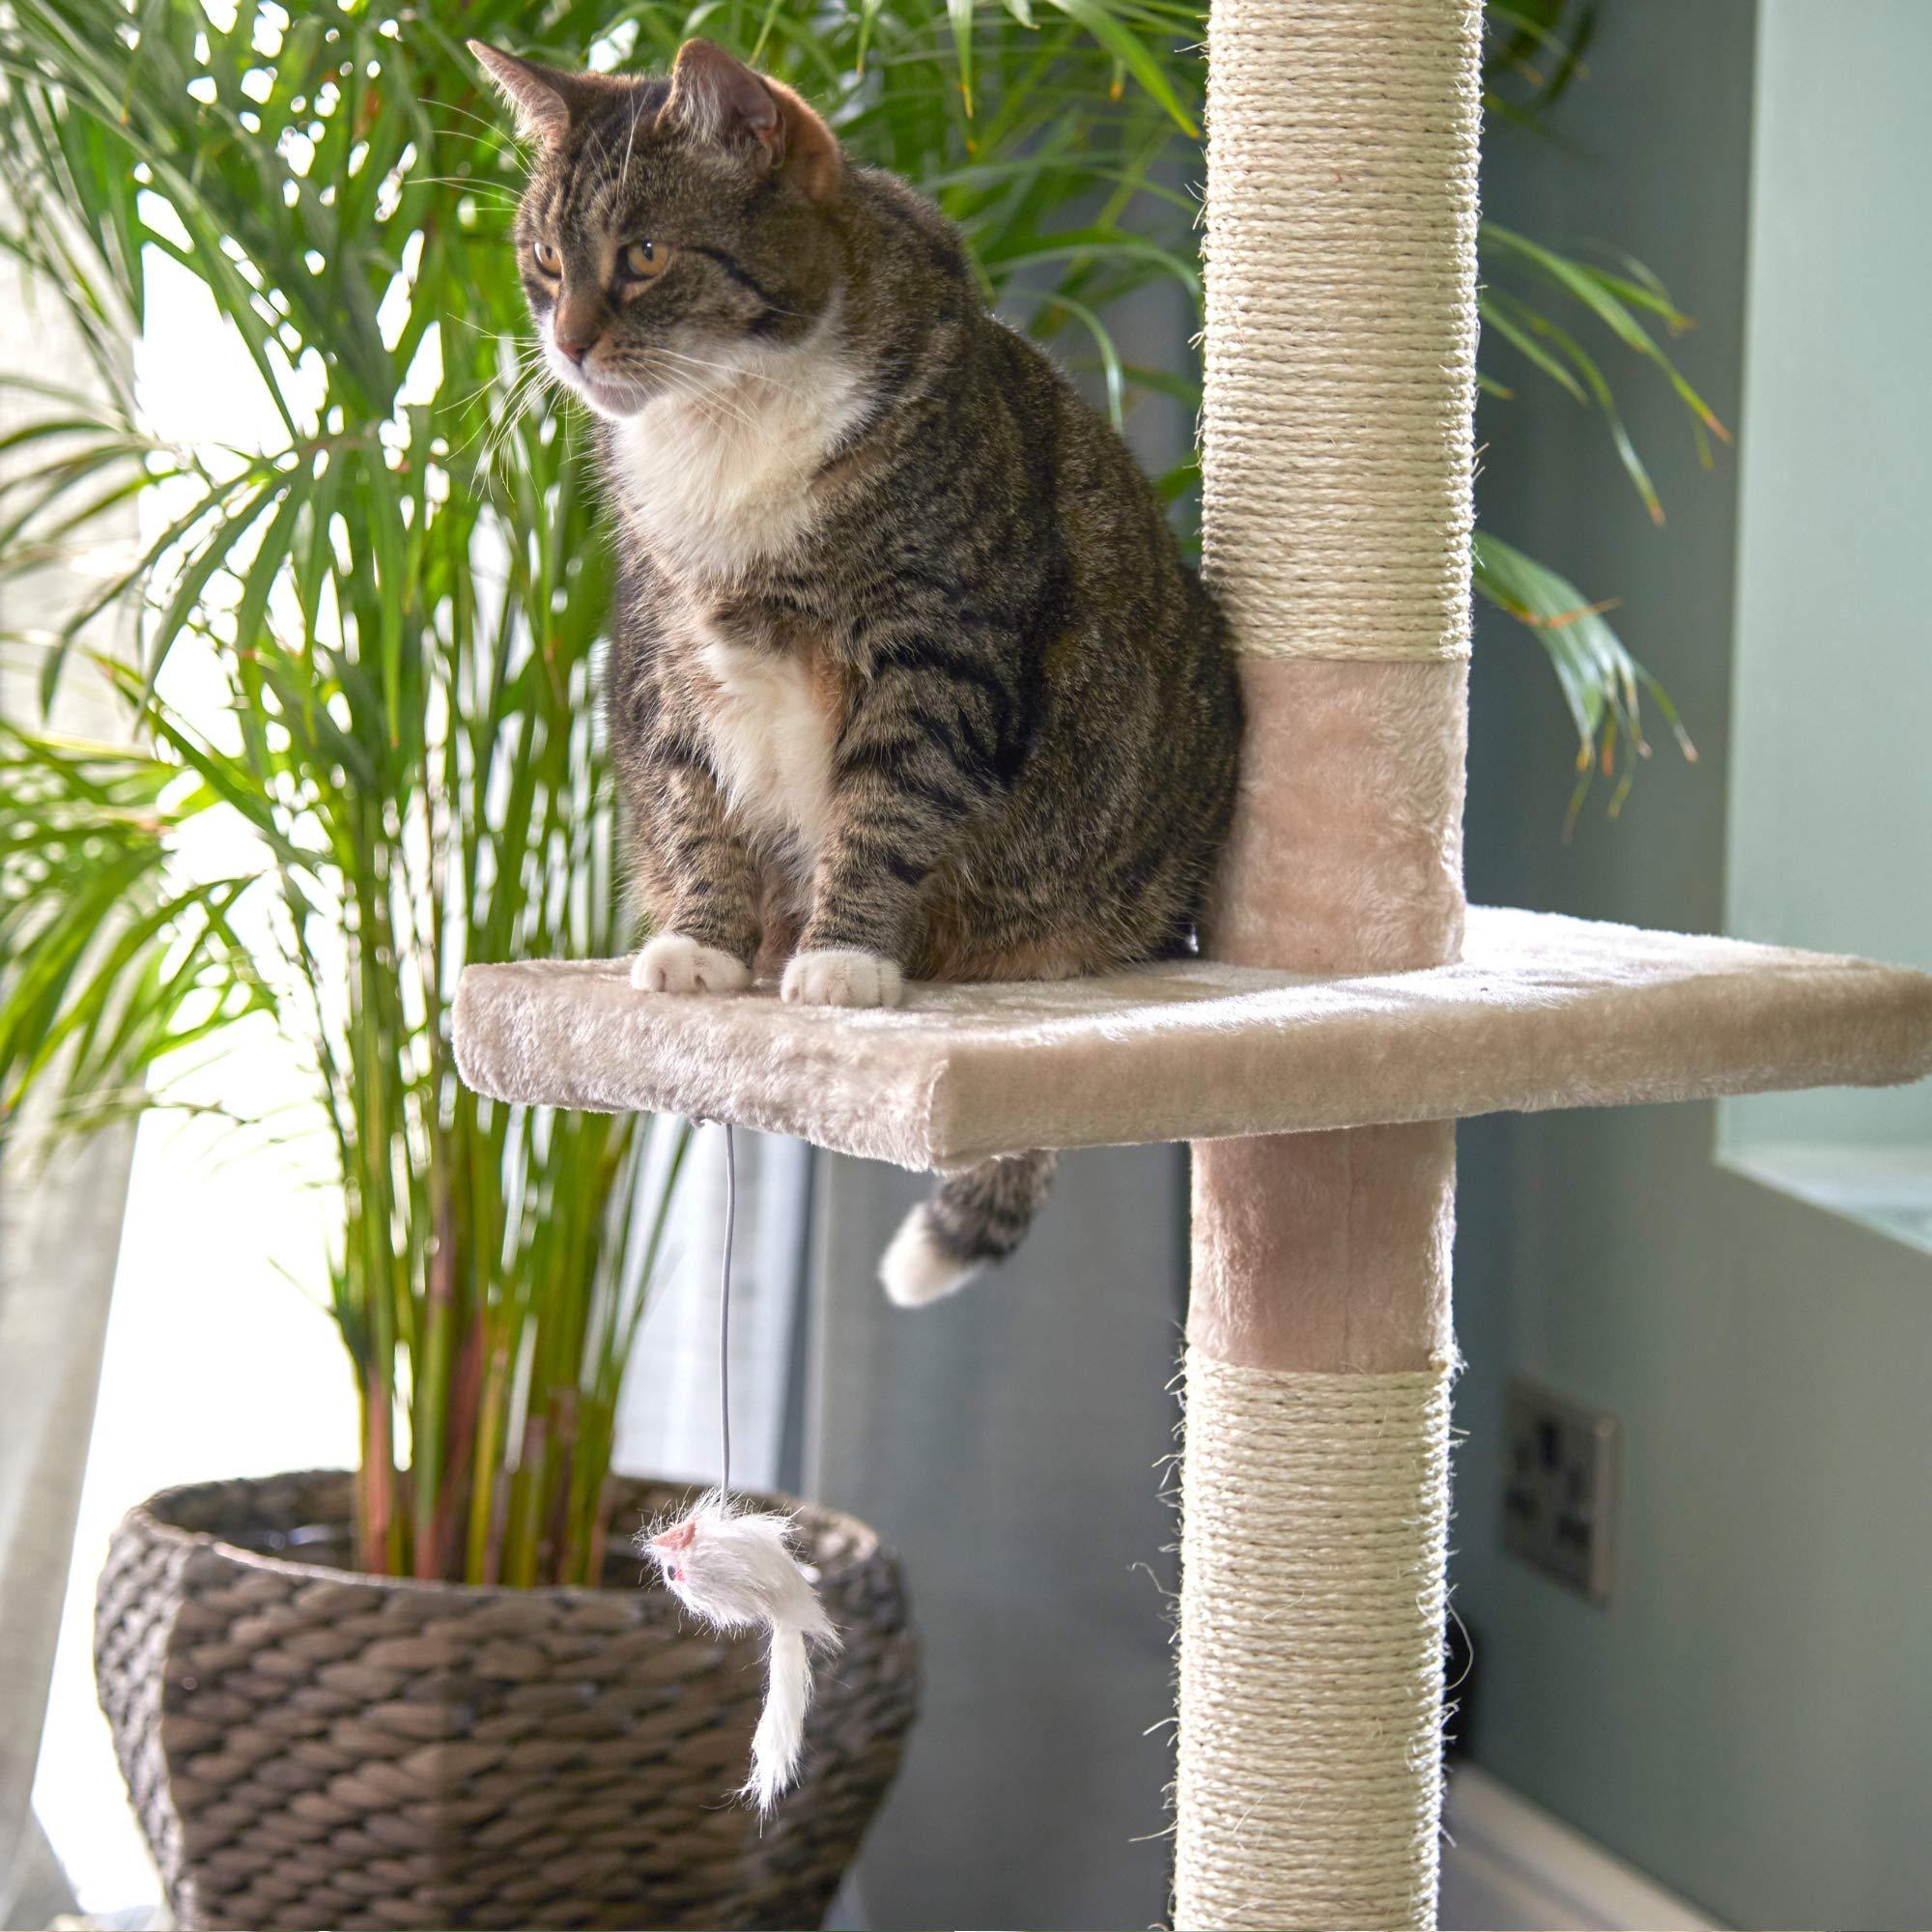 Árbol Rascador para Gatos de 240cm-288cm, Rascador de Suelo a Techo para Gatos, Poste Escalador de Sisal Natural, Árbol para Gatos Extensible, Arbol Rascador de Actividades con, Color Beige: Amazon.es: Productos para